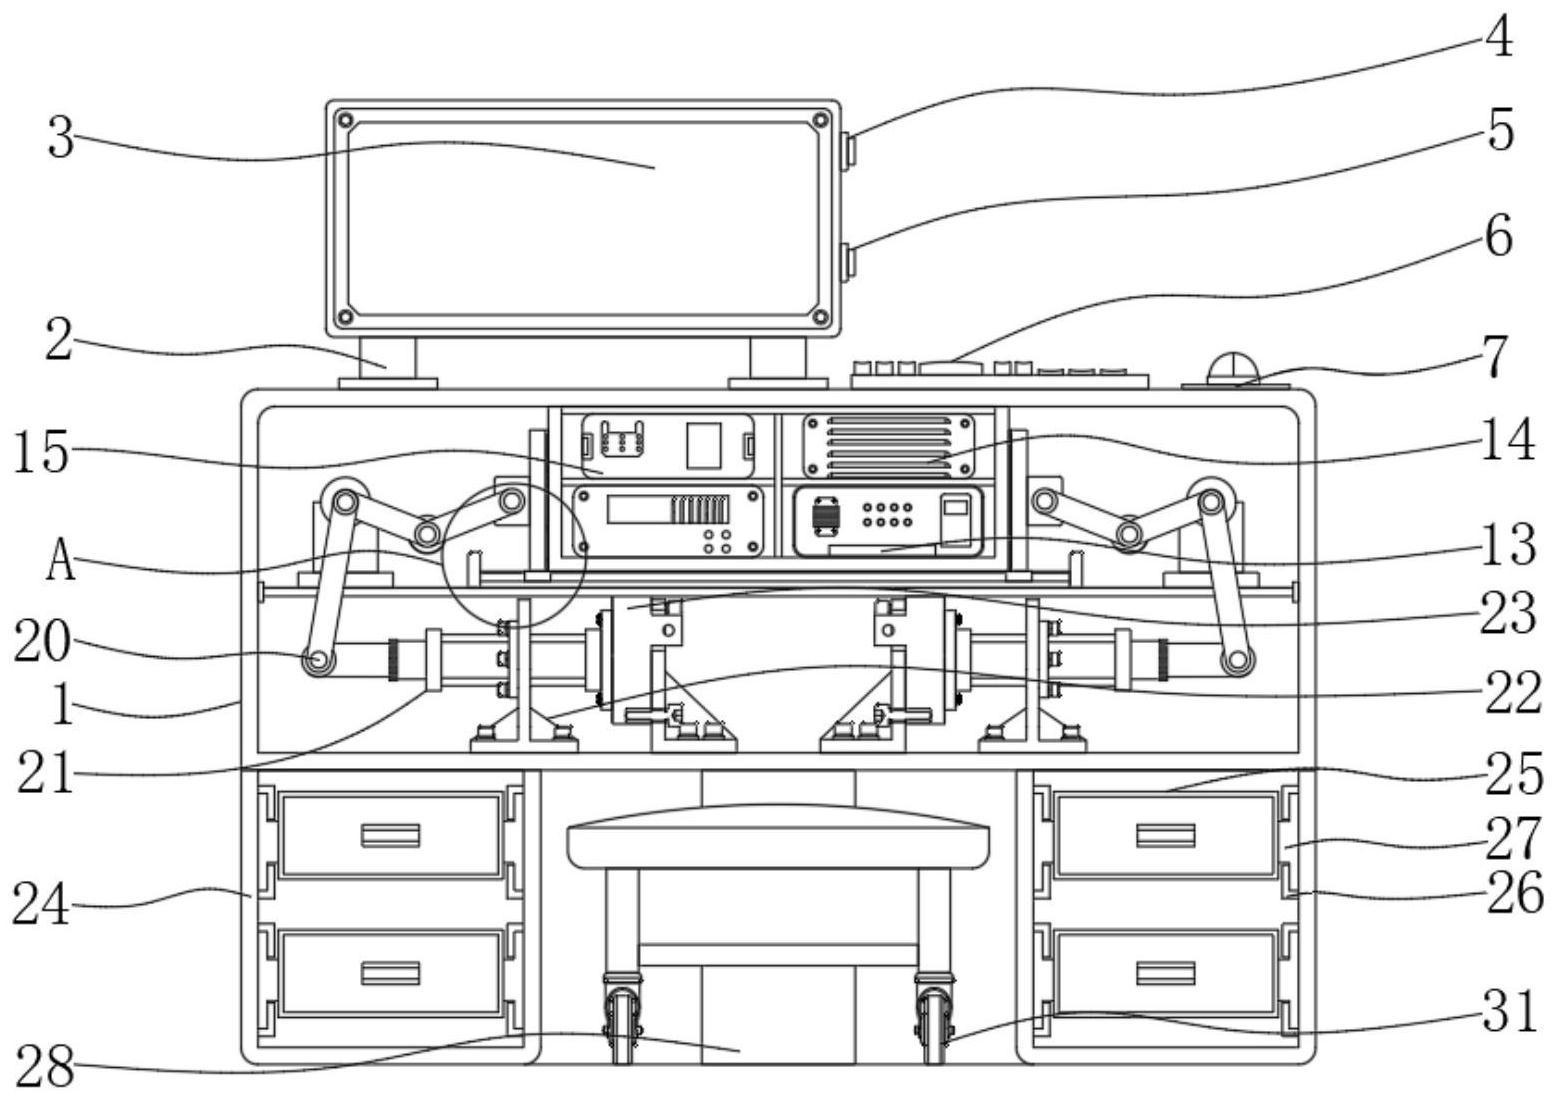 一种基于主轴系统热设计的信息采集融合装置及其方法